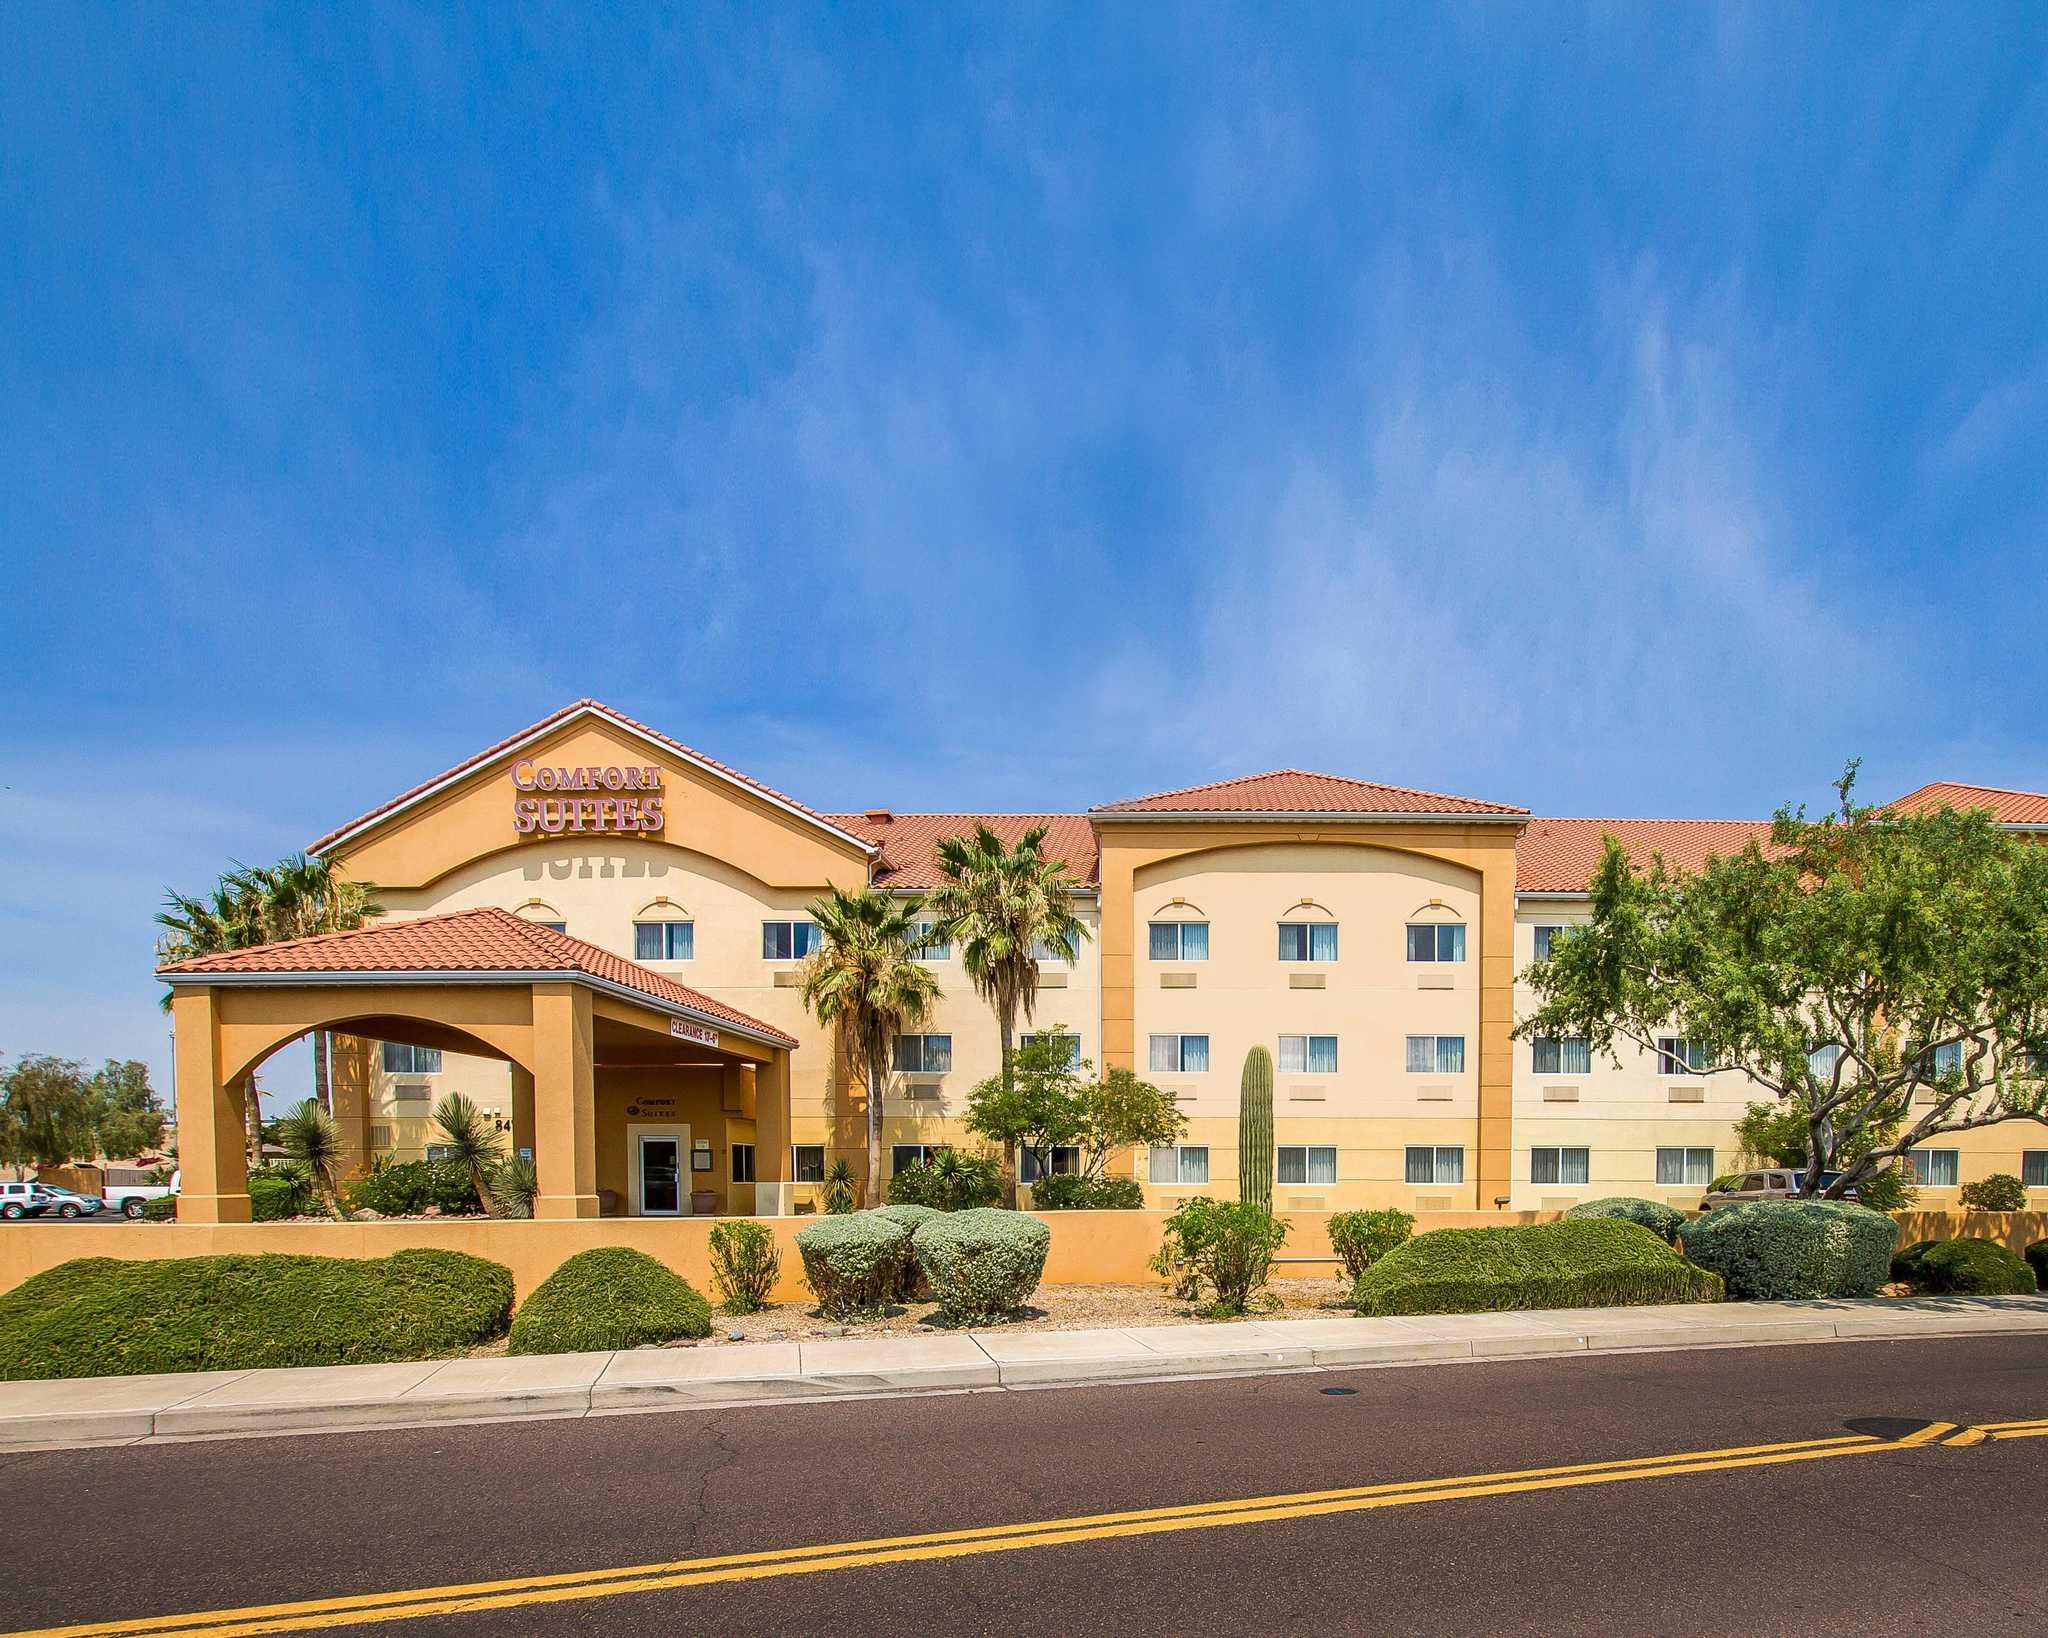 Peoria Az Hotels Near Sports Complex